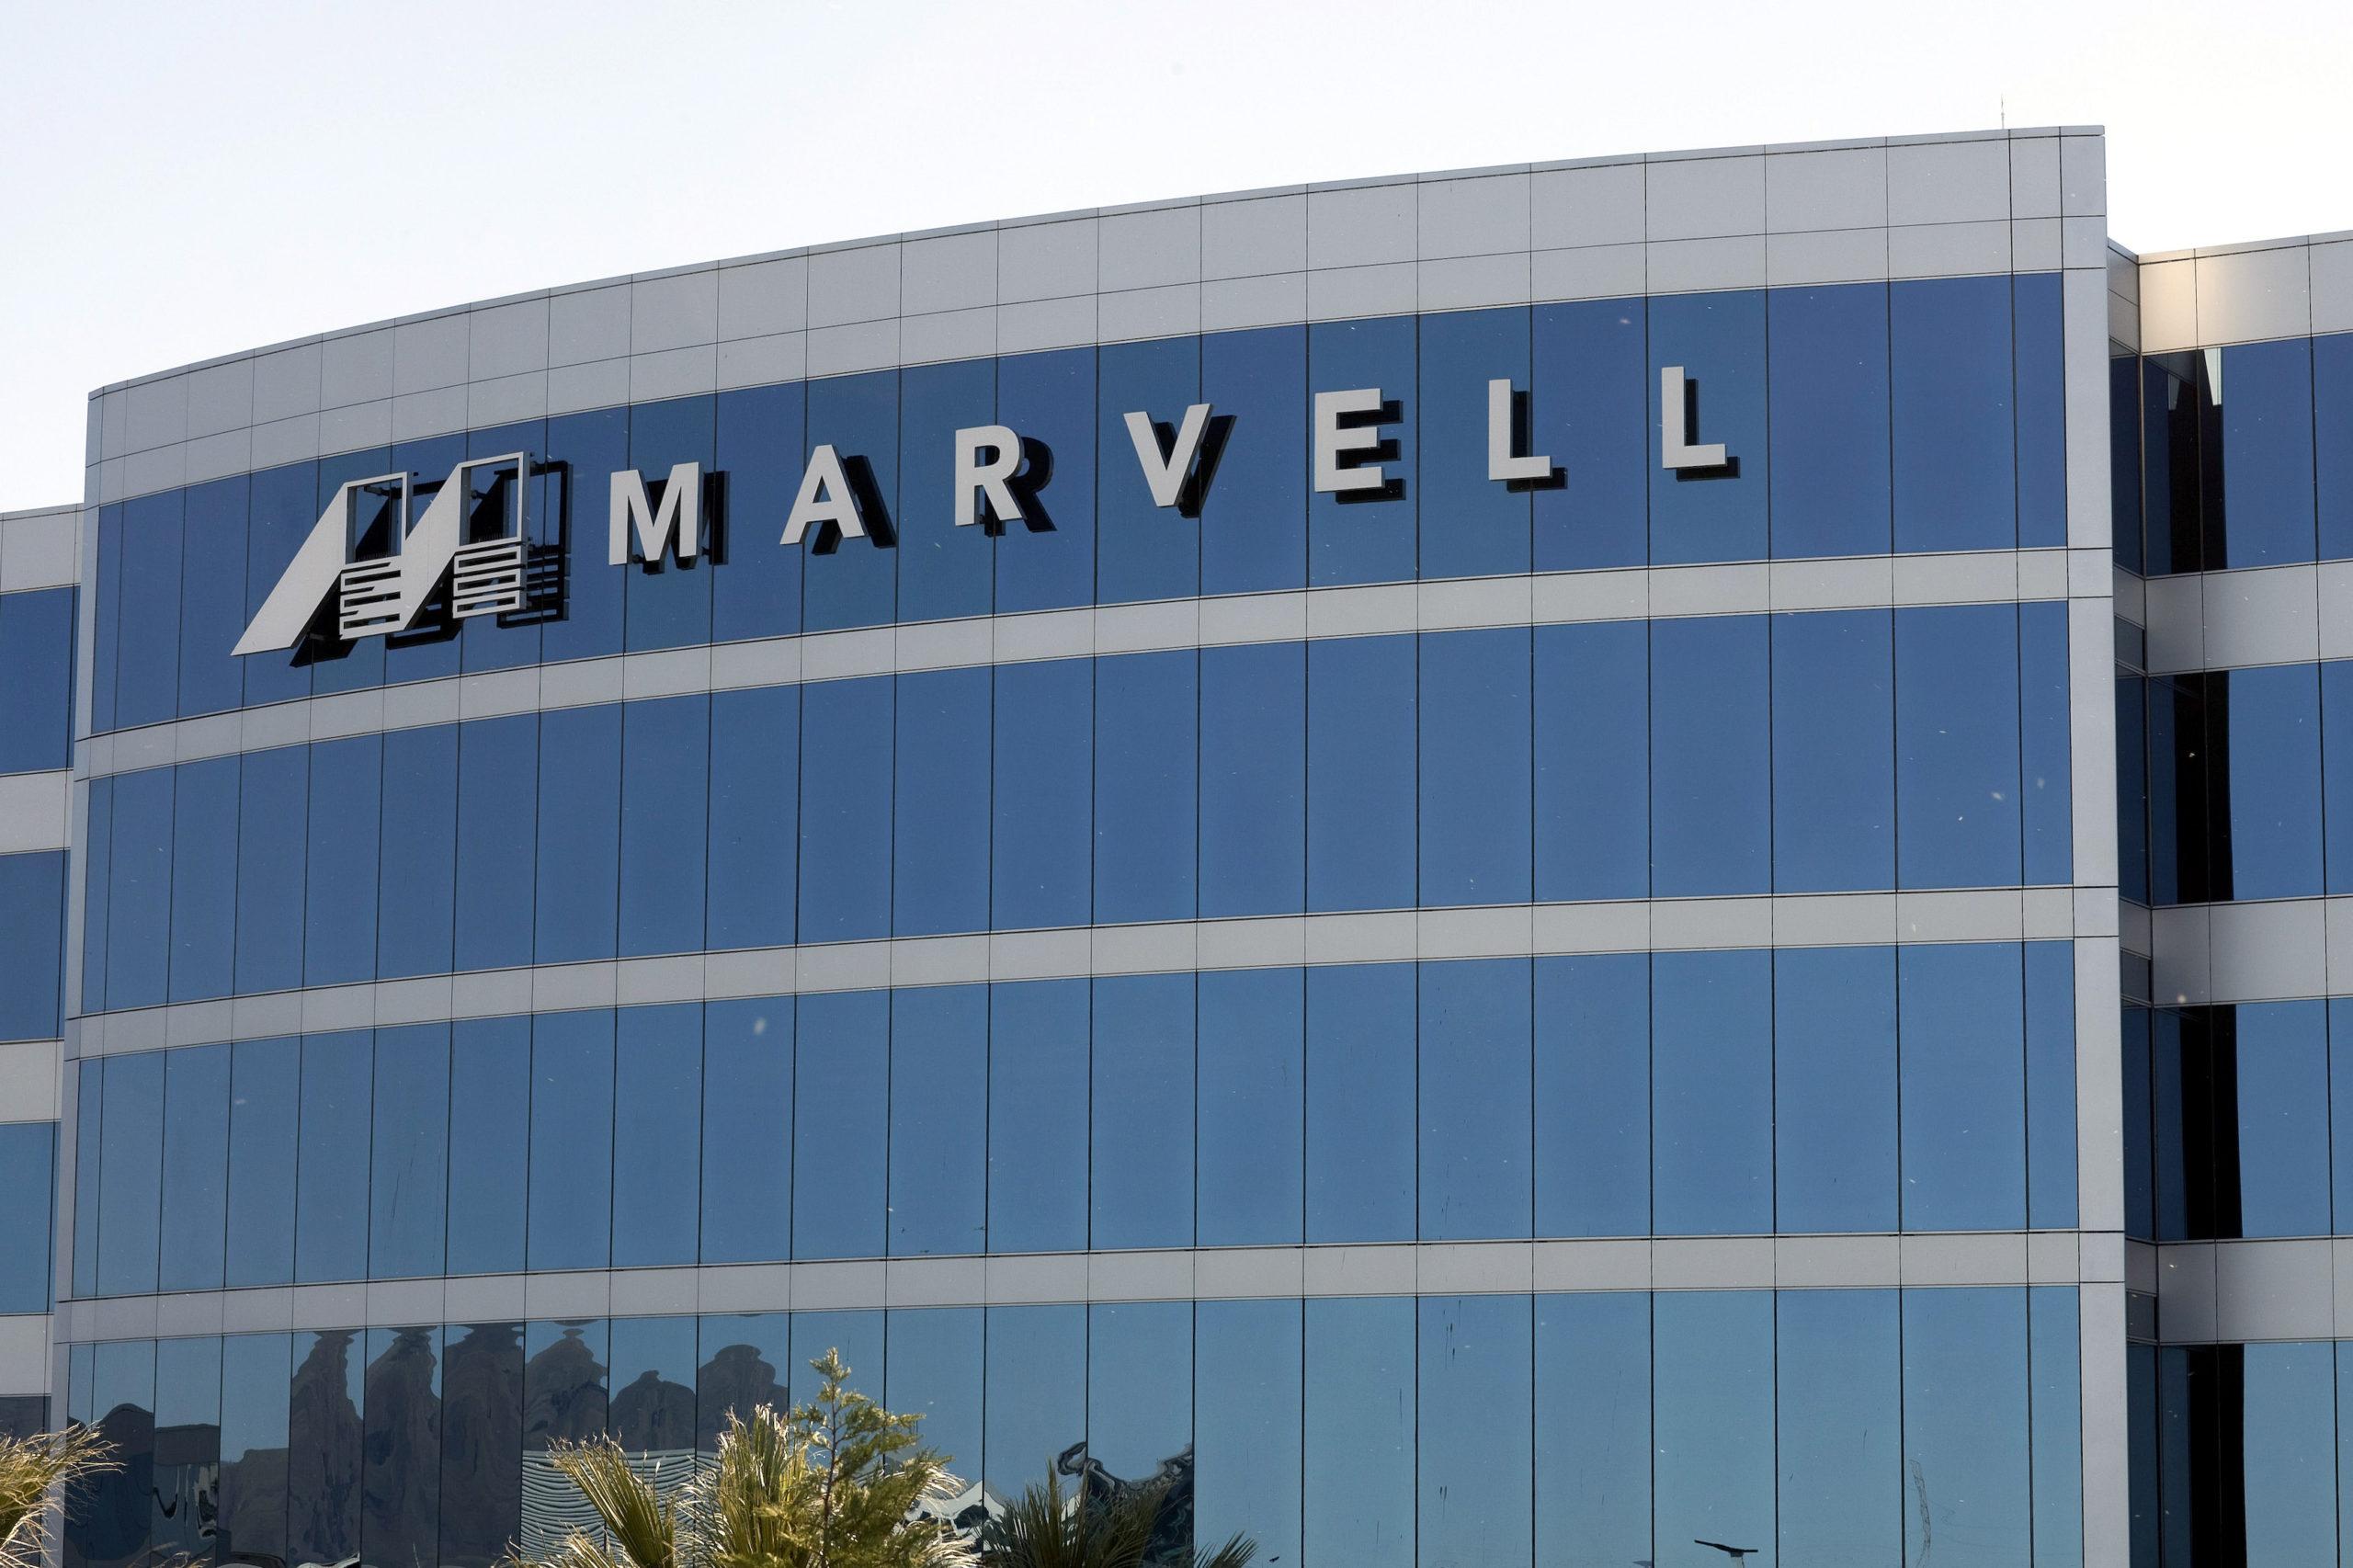 Marvell Technology da un nuevo impulso a los centros de datos con la adquisición de Innovium